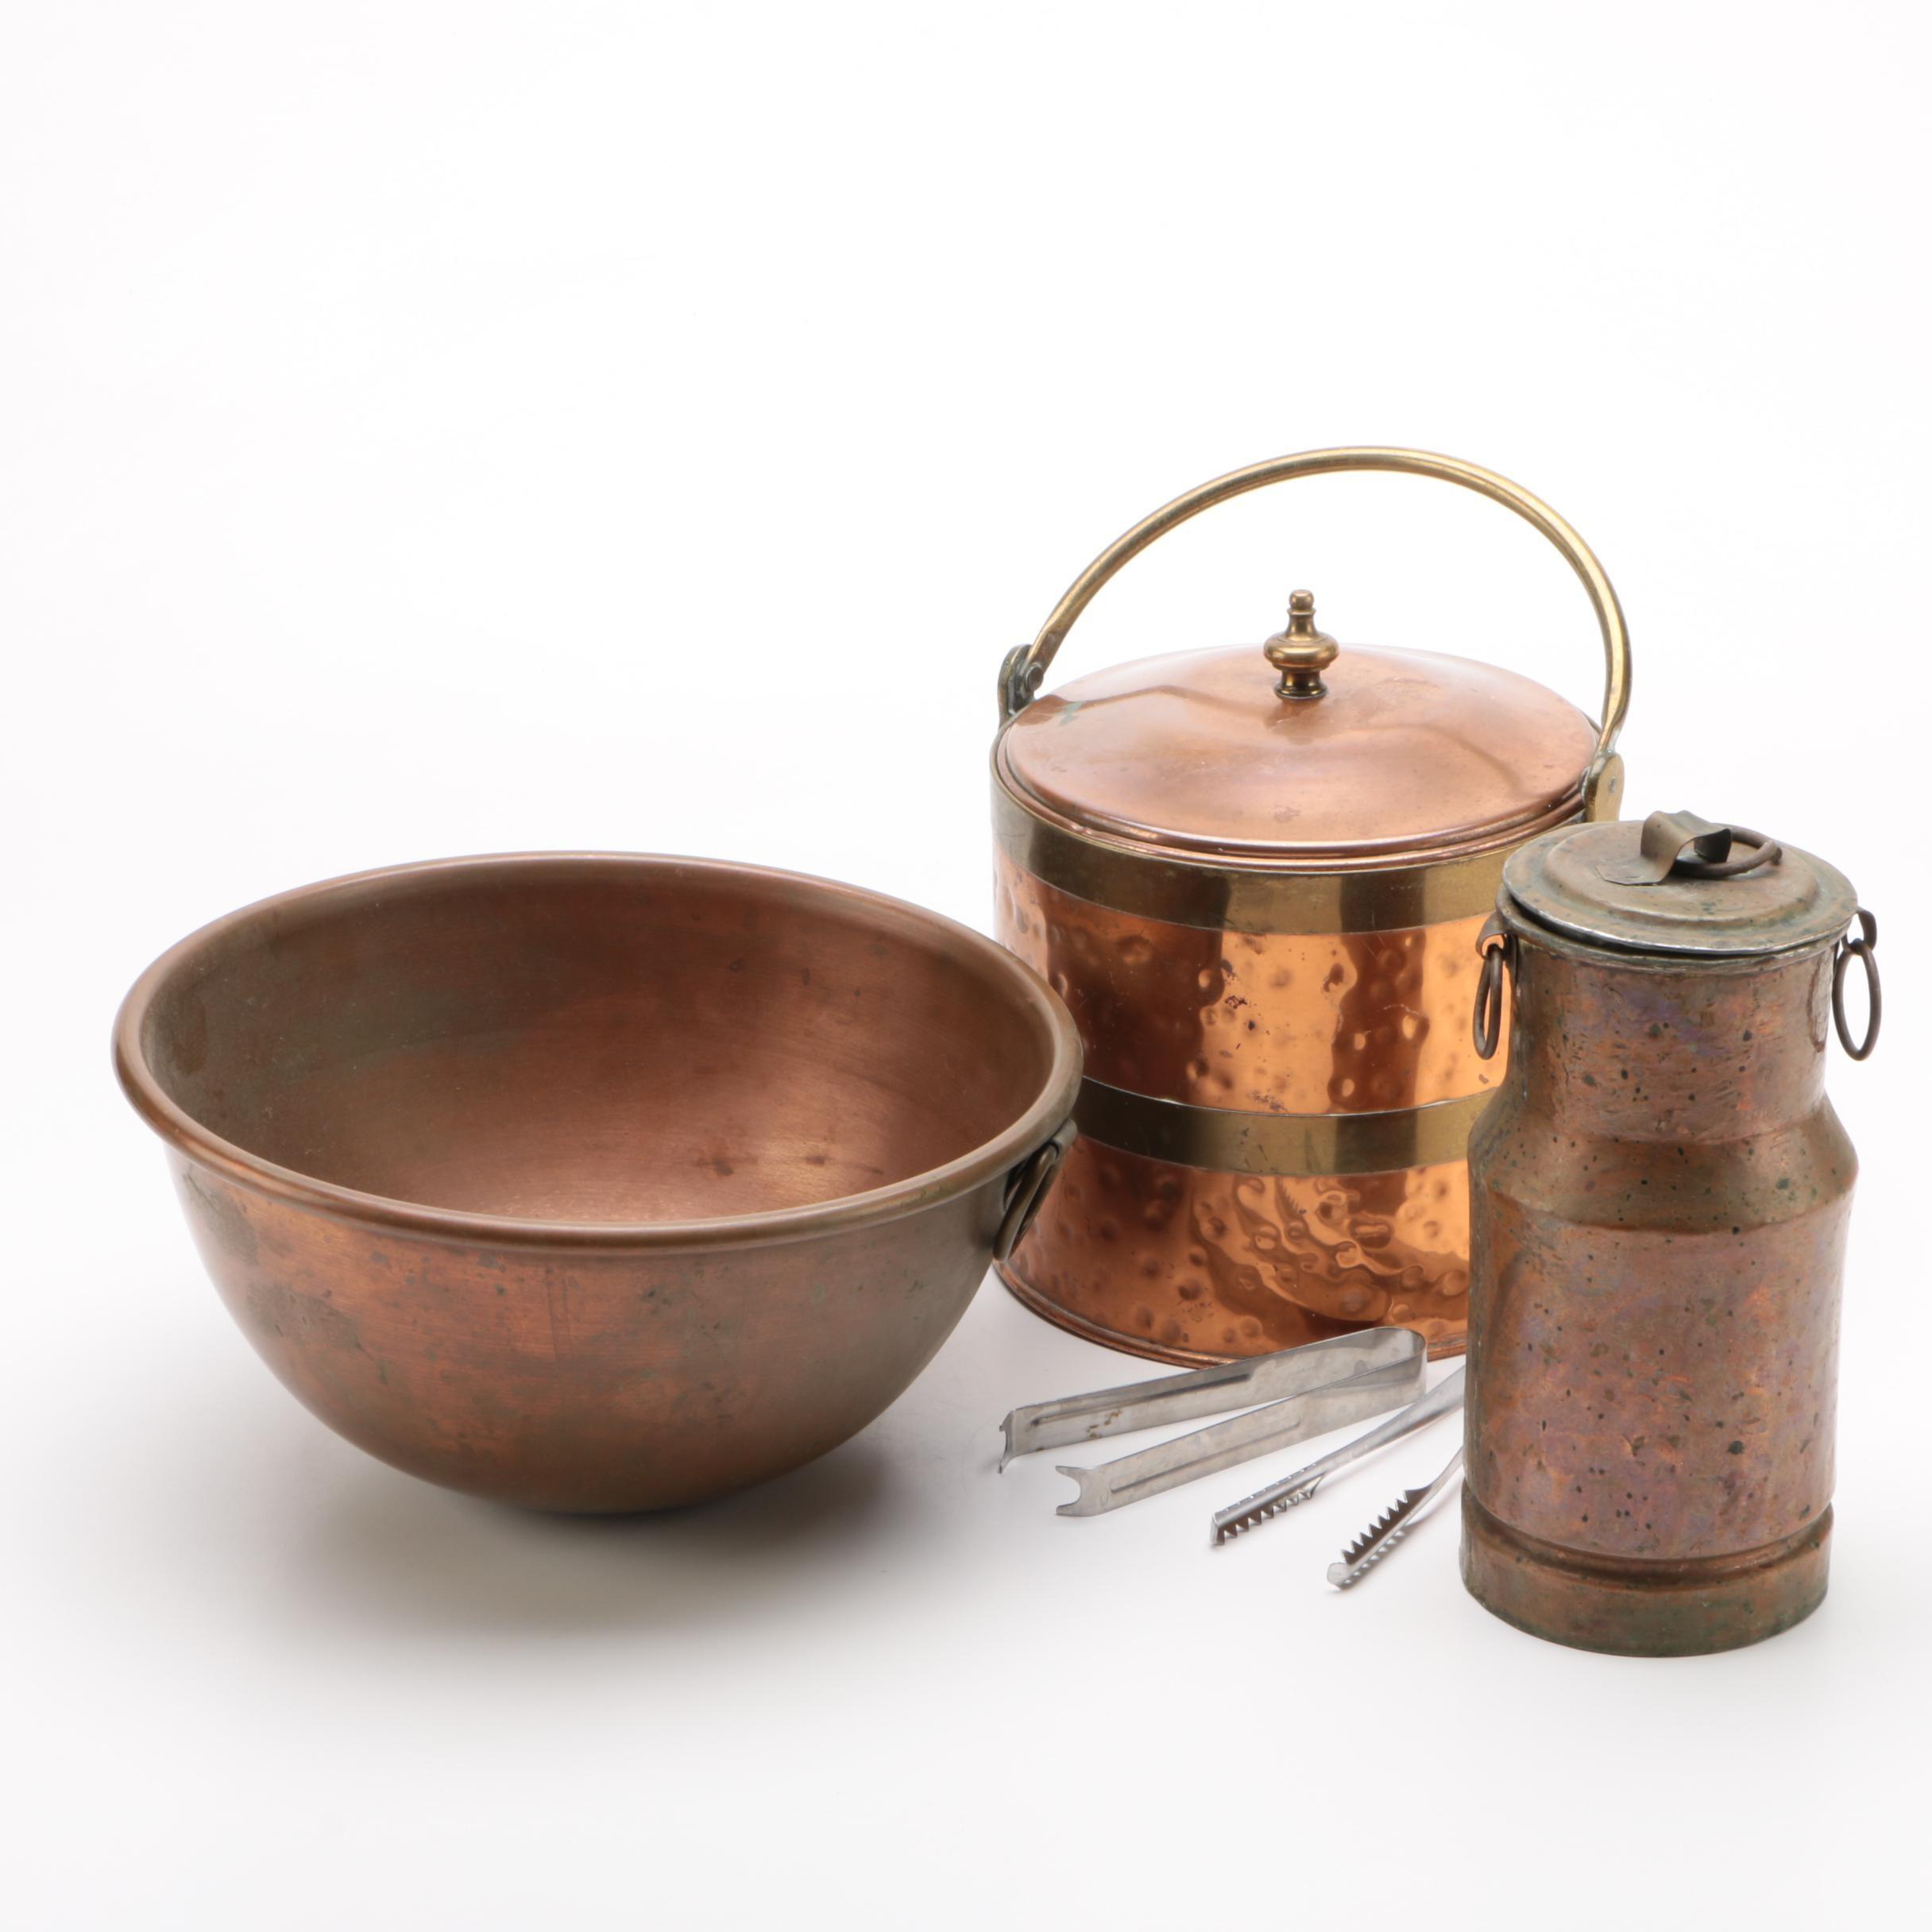 Vintage Copper Serveware featuring Colonial Virginia